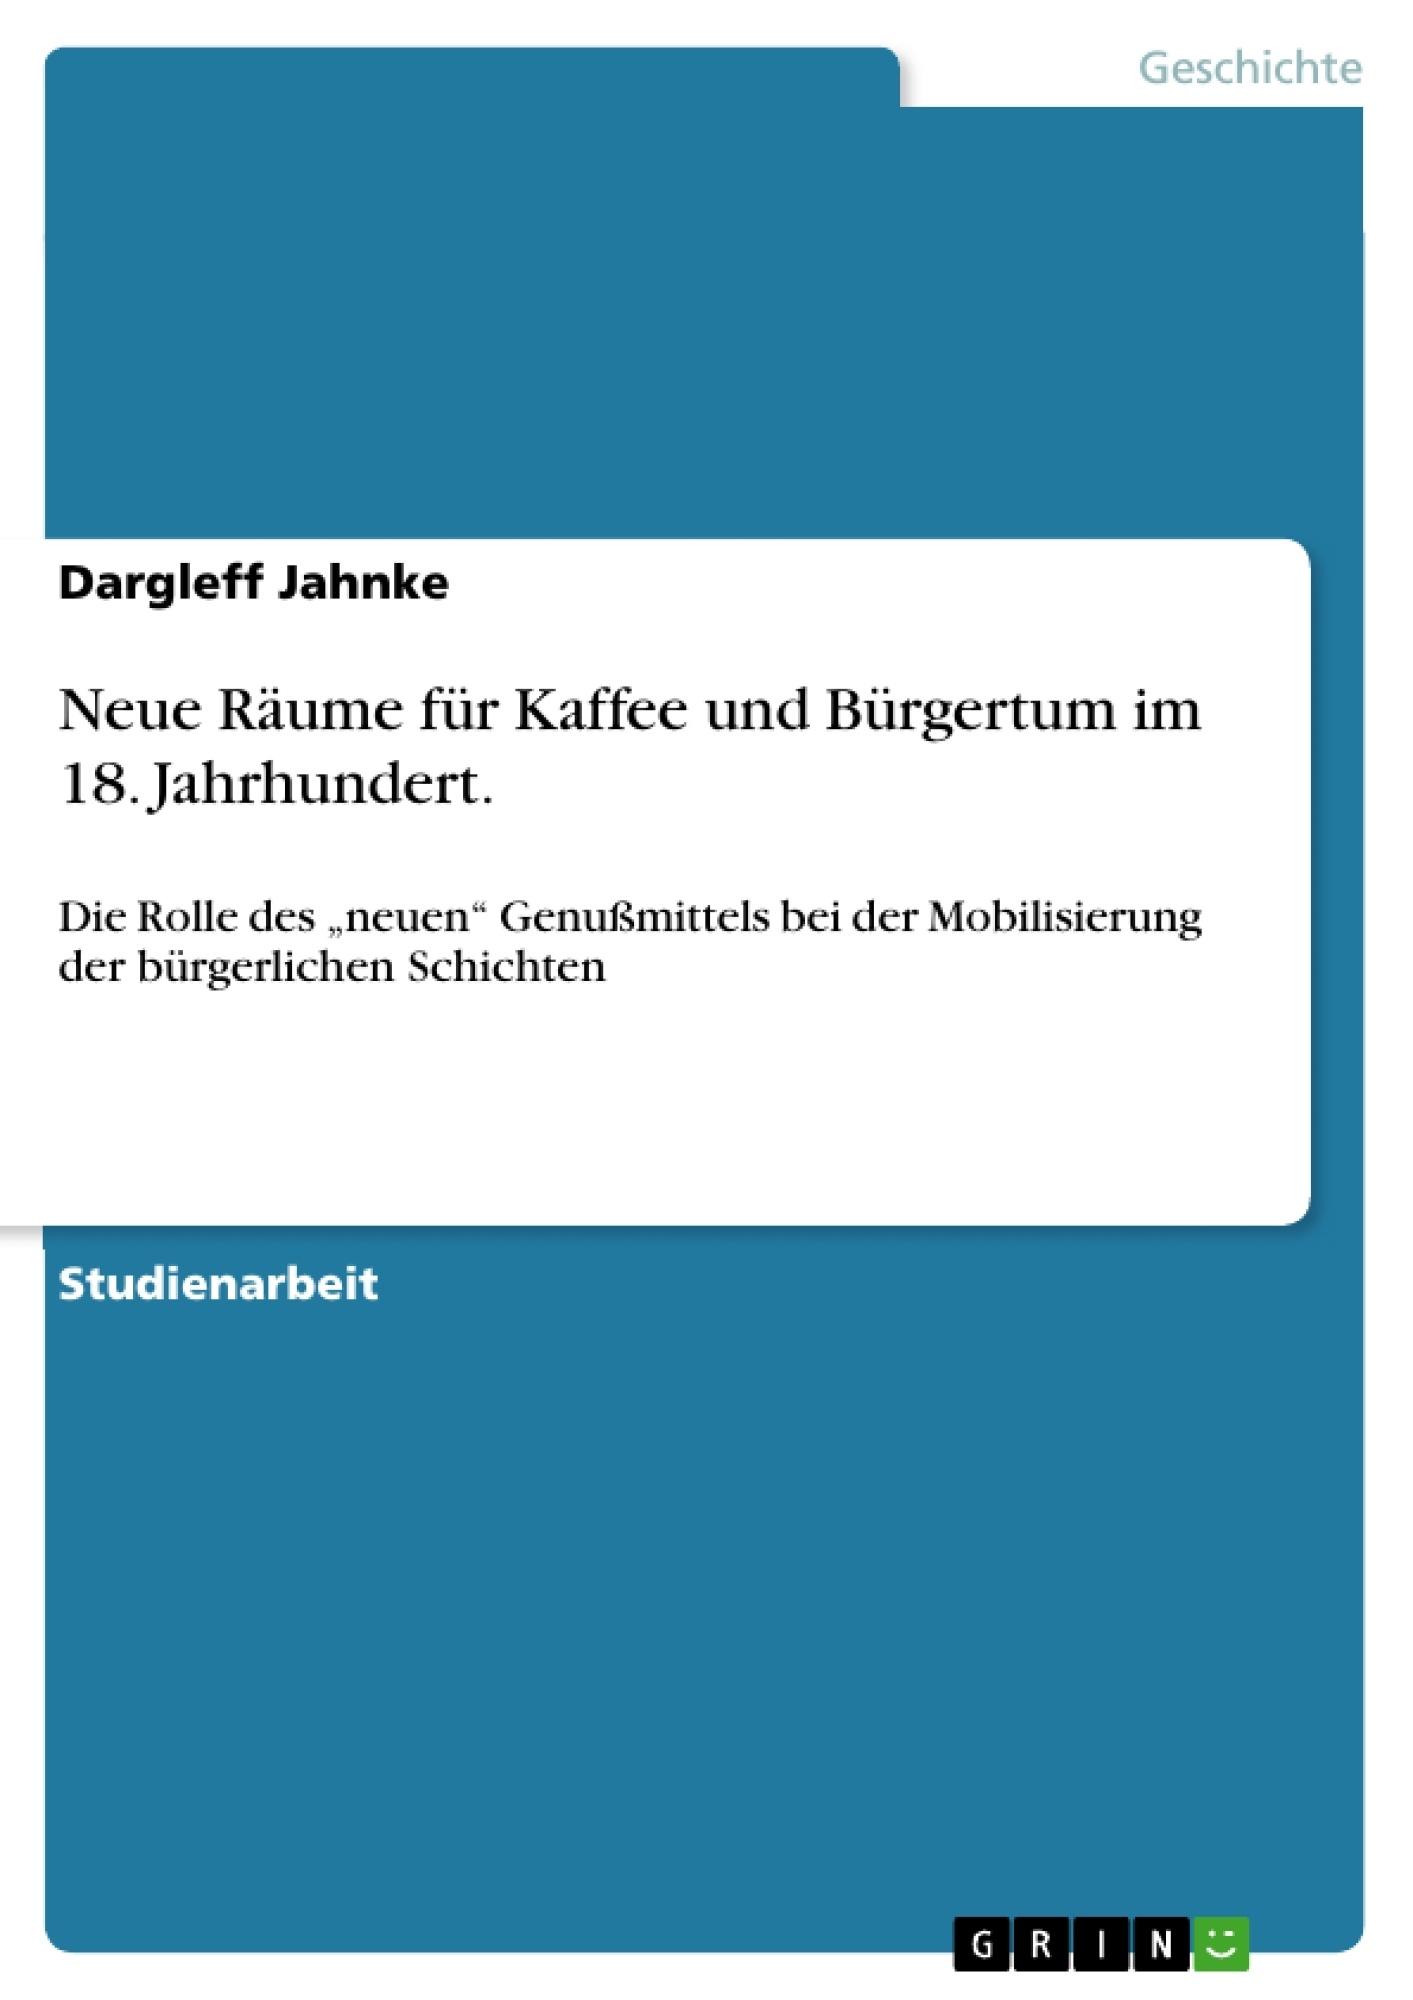 Titel: Neue Räume für Kaffee und Bürgertum im 18. Jahrhundert.